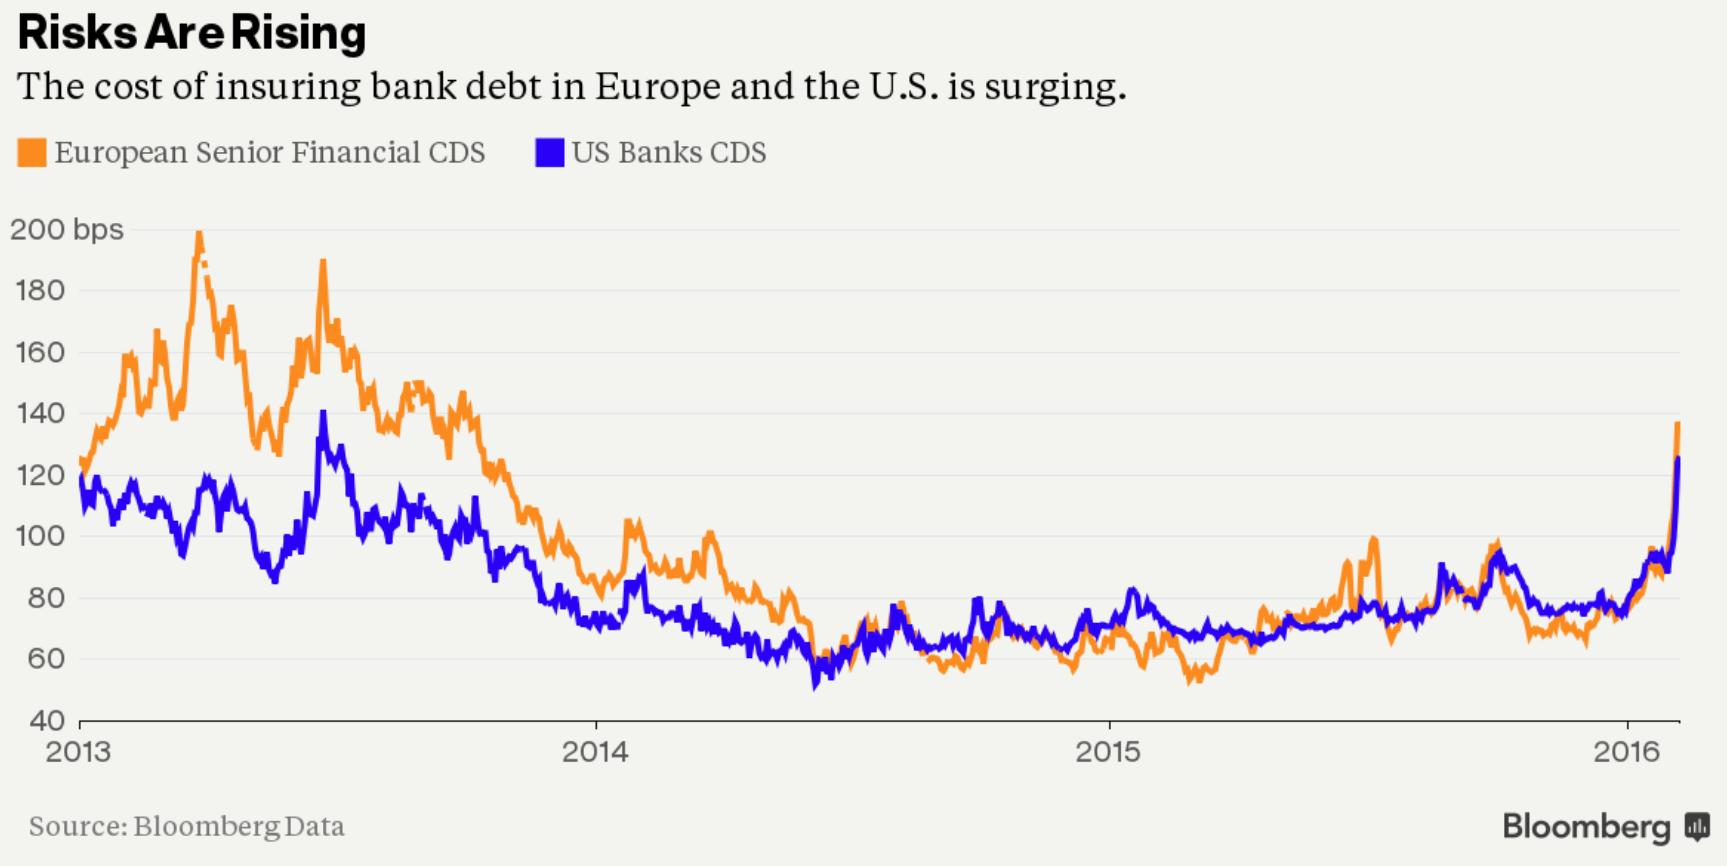 Wzrost kosztów ubezpieczenia długu bankowego